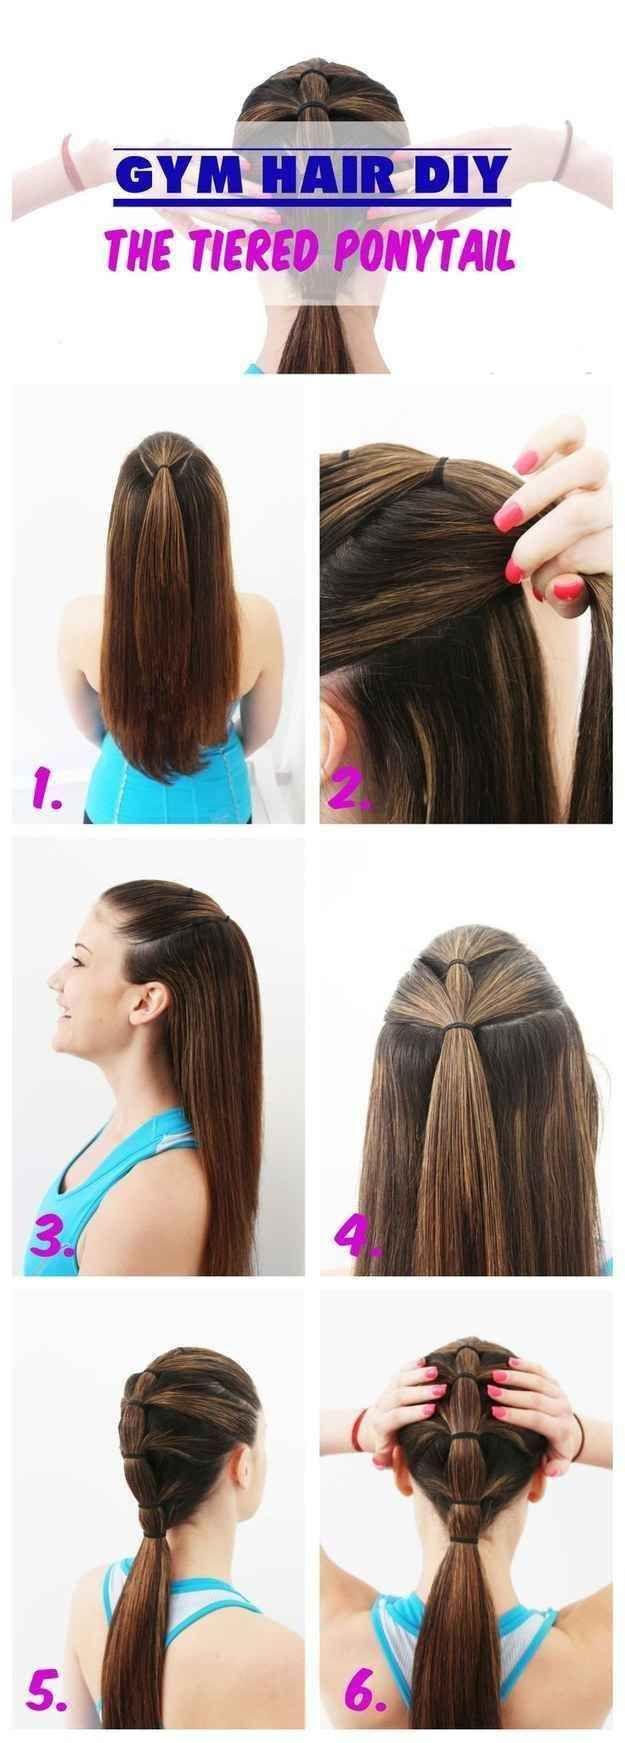 Una media cola es la manera más segura de tirar el pelo hacia atrás a la hora de hacer ejercicio.